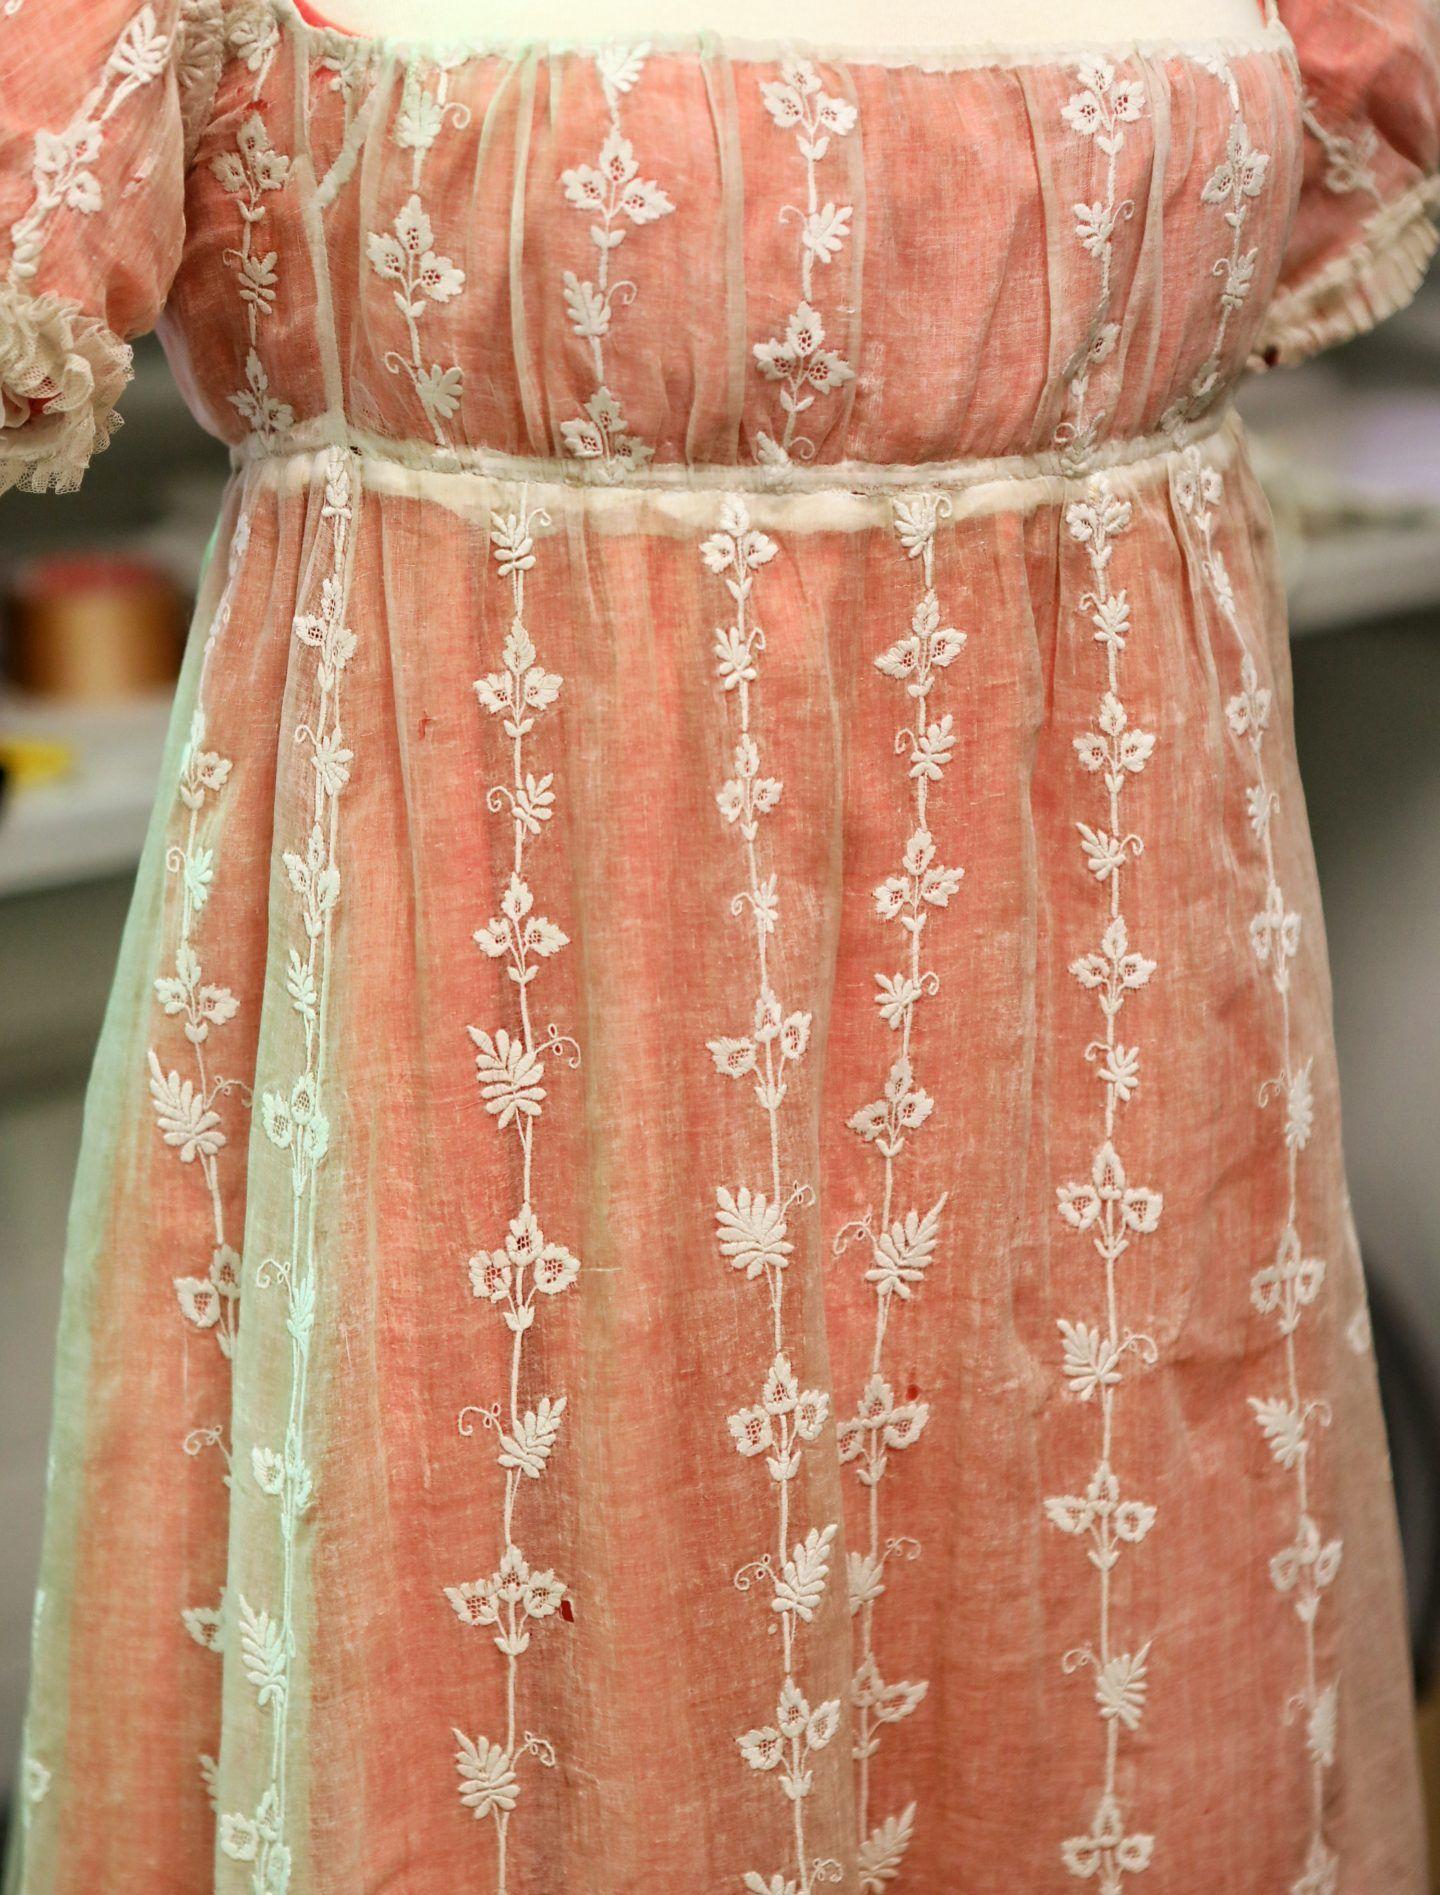 La robe de l'Impératrice 5 © Pierre Holley